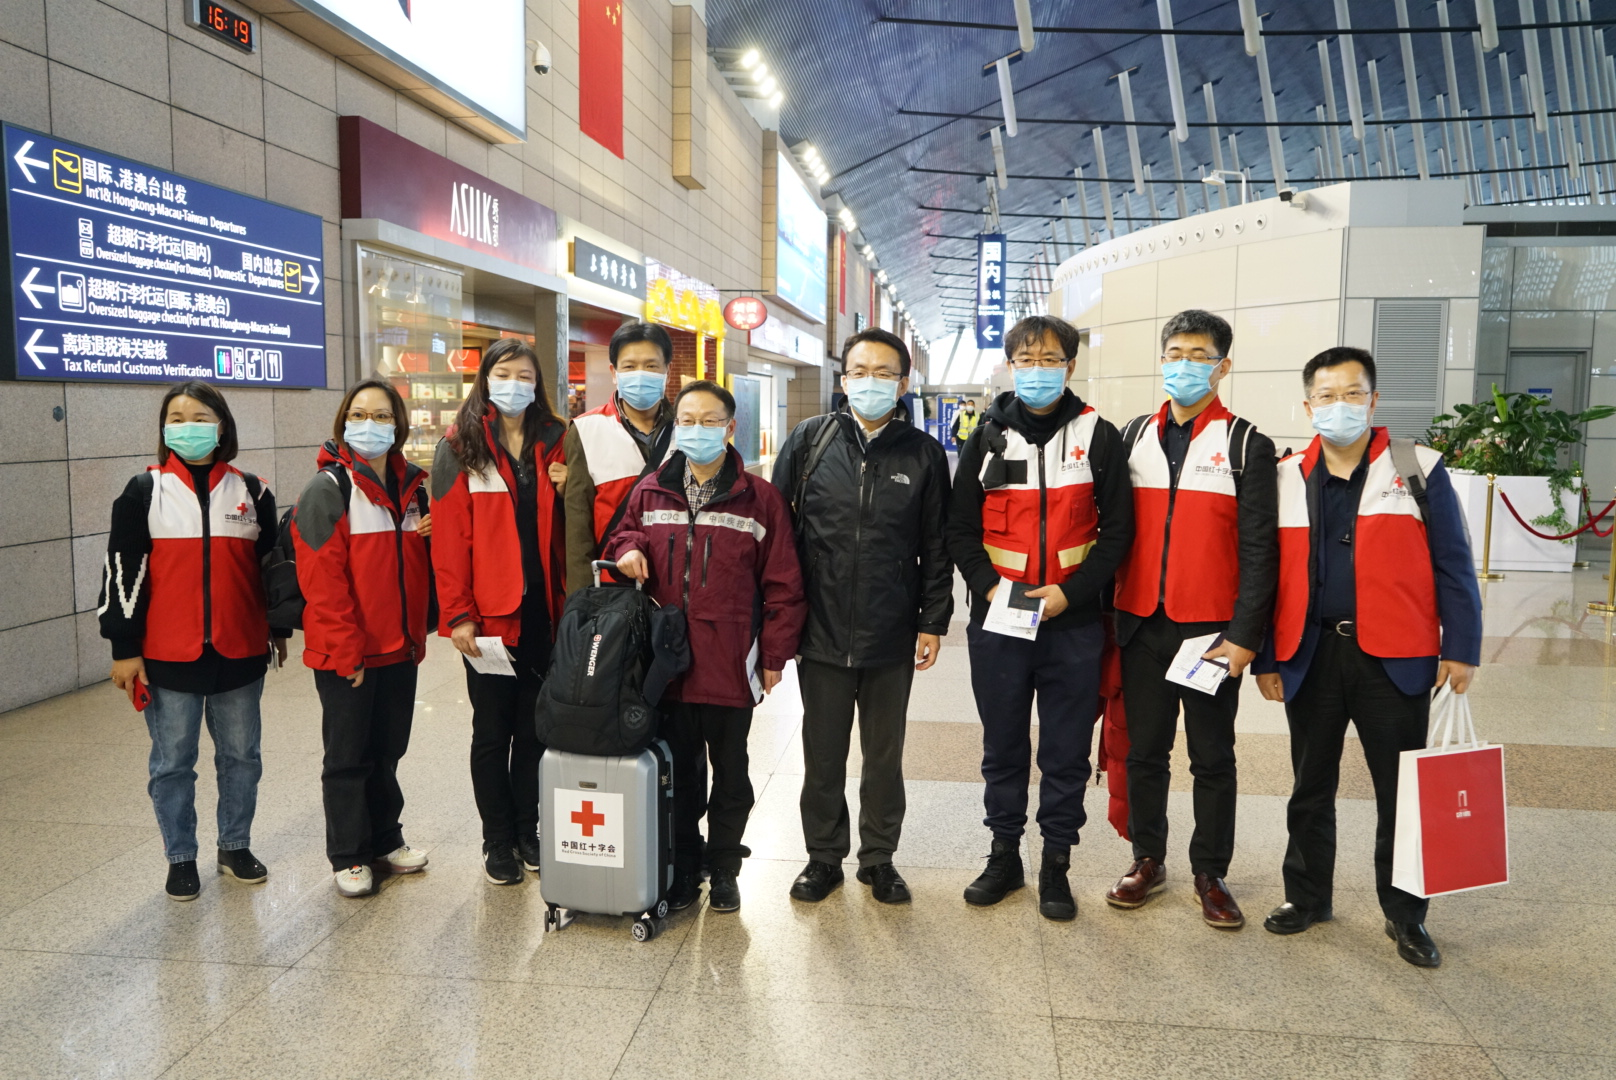 一行9人携带必要医疗防护用品 中国专家赴意大利